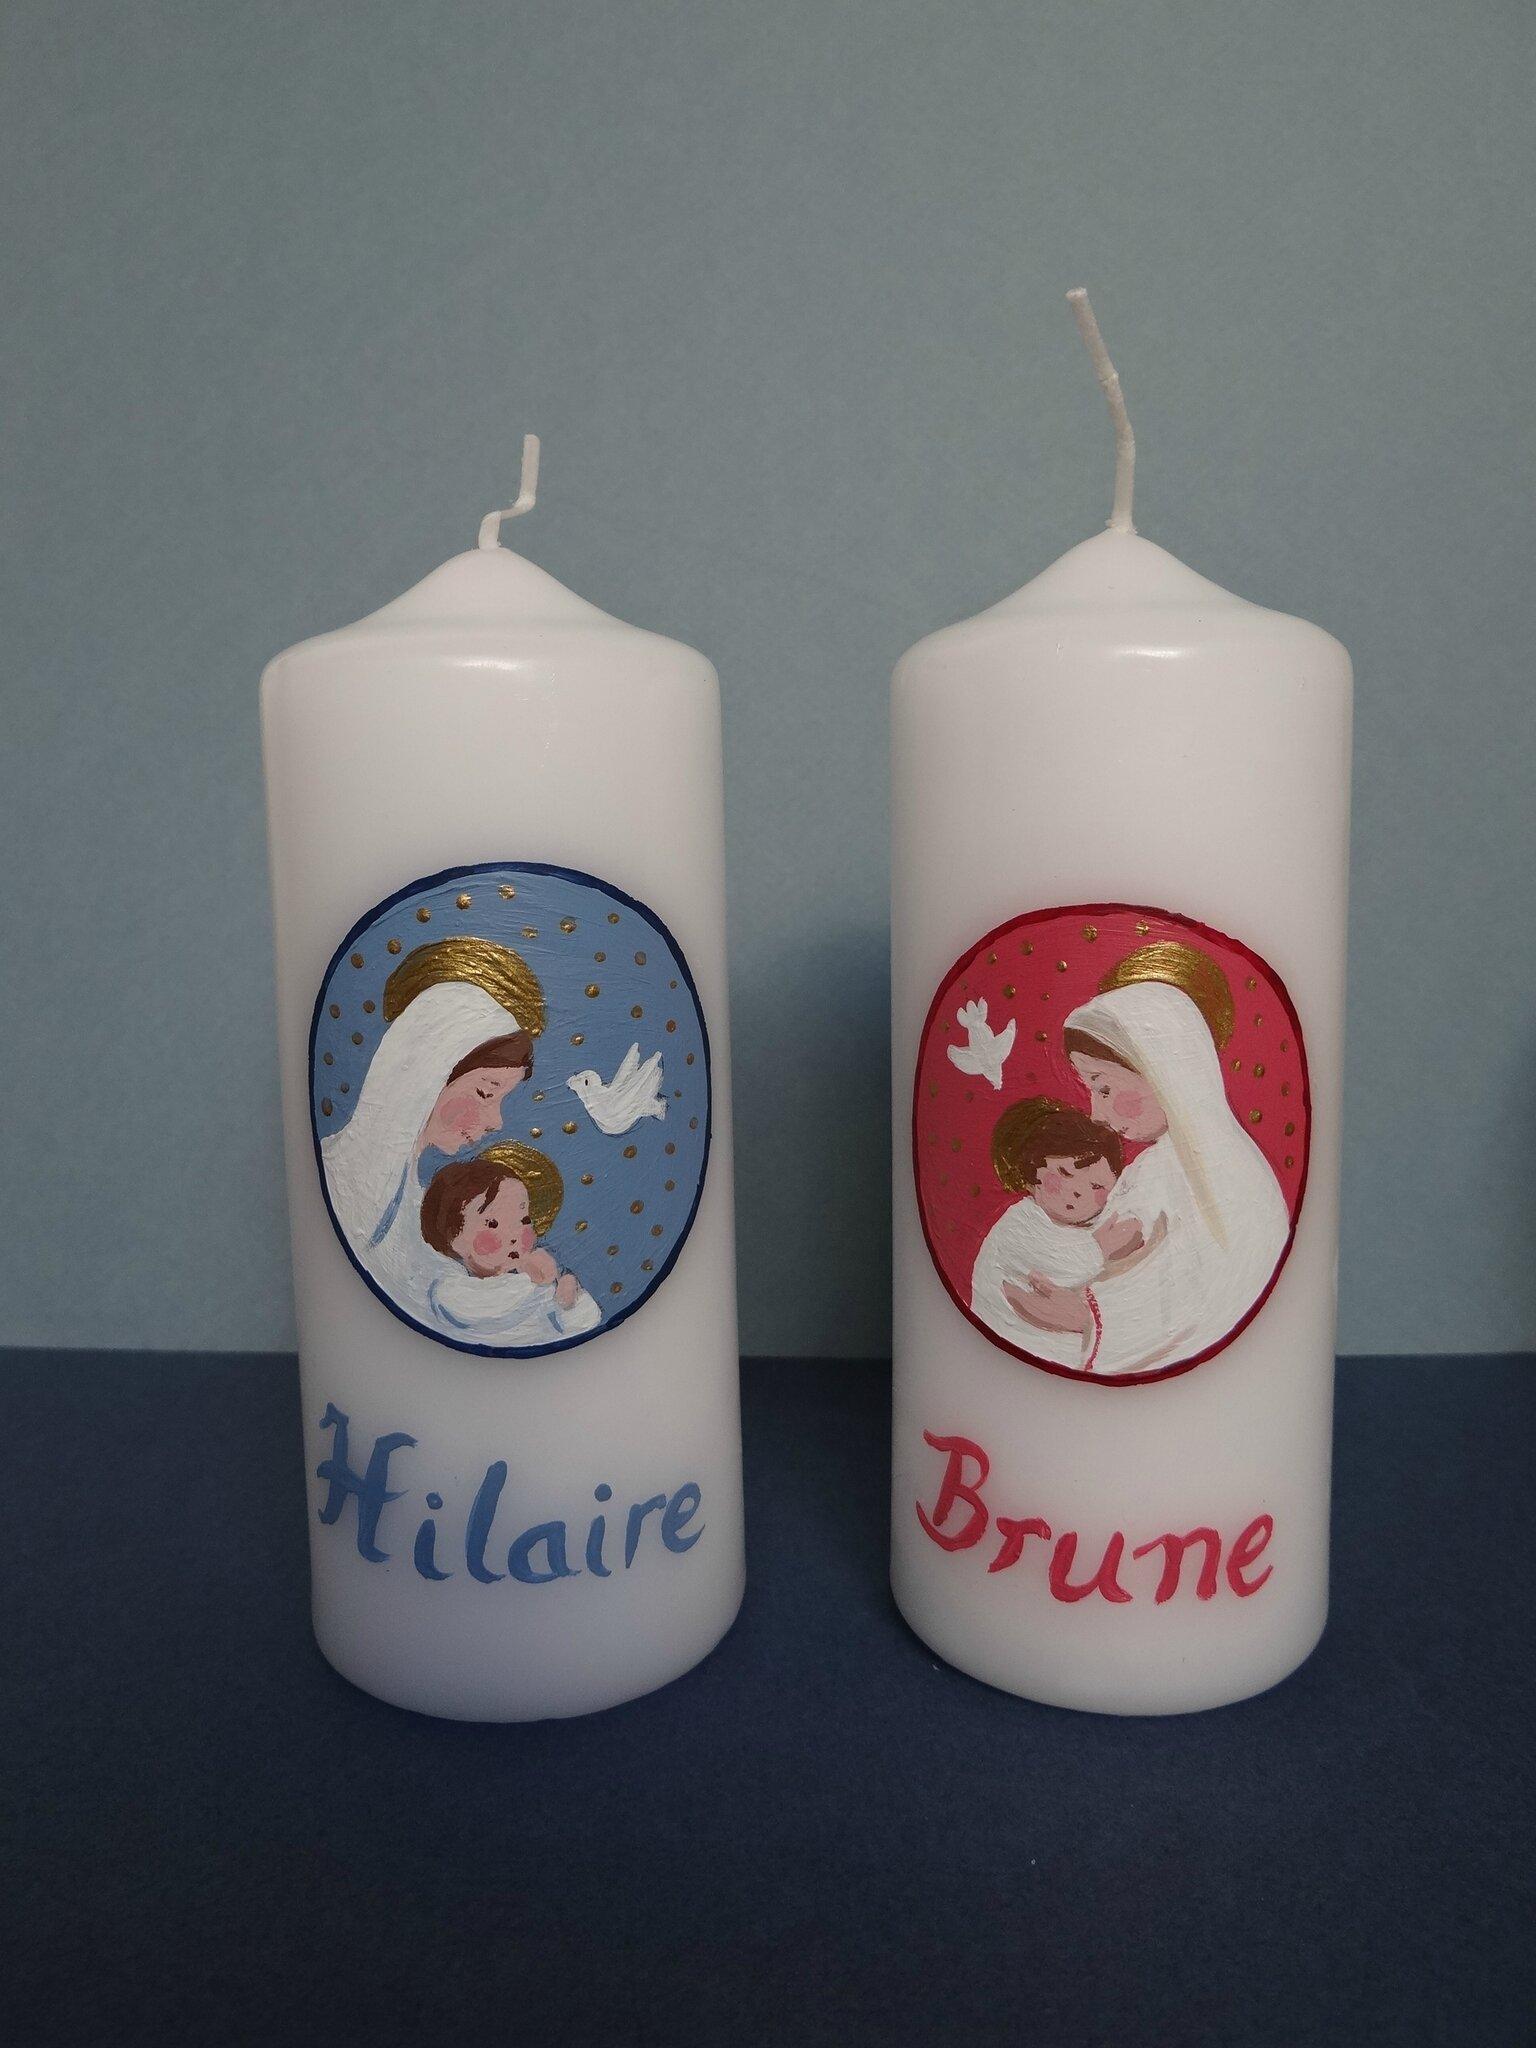 cierges Brune et Hilaire